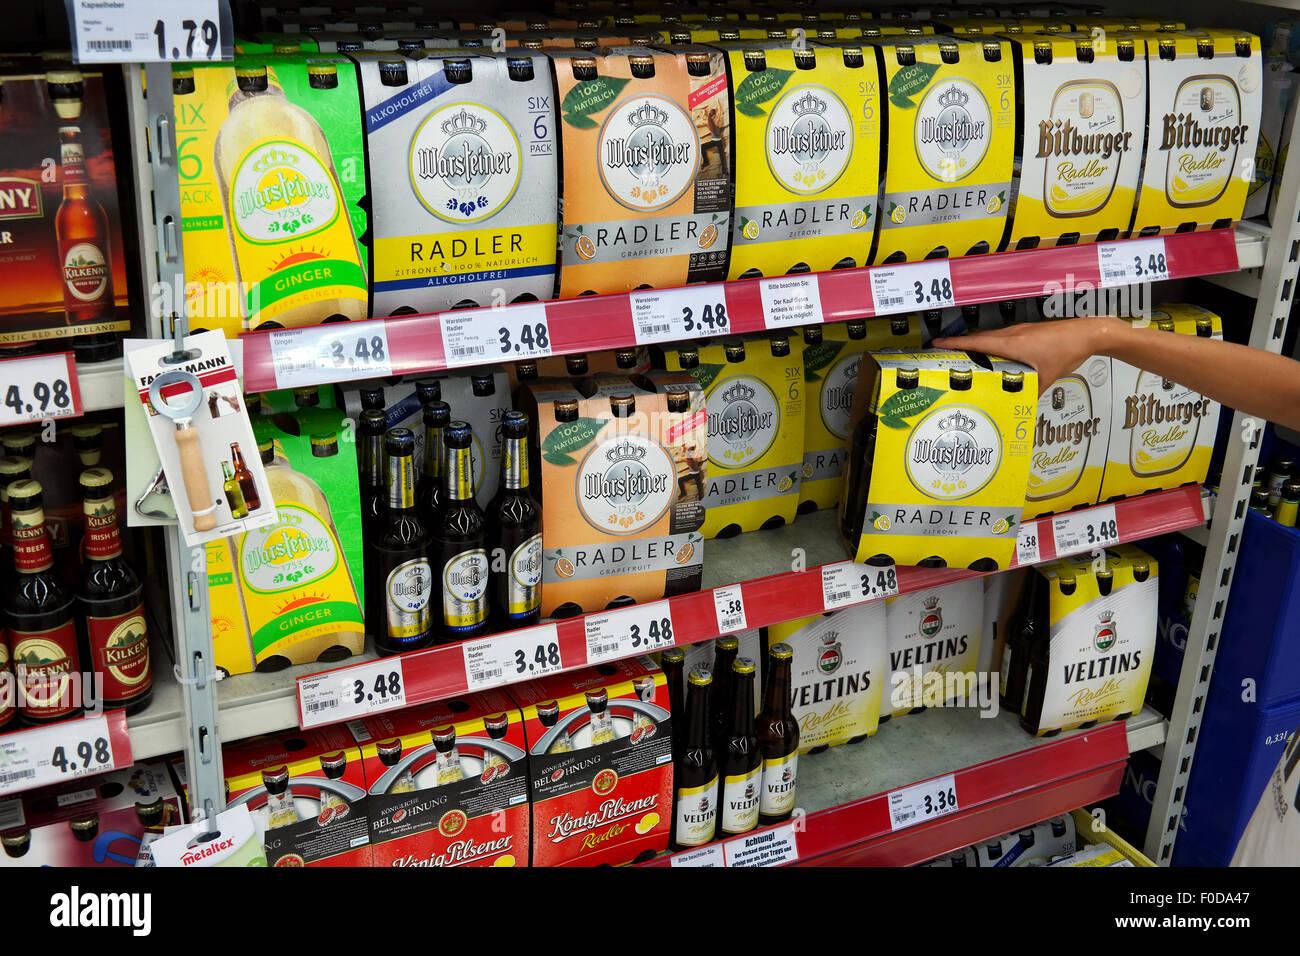 Regale mit verschiedenen 6pack Radler Packungen im Supermarkt ...